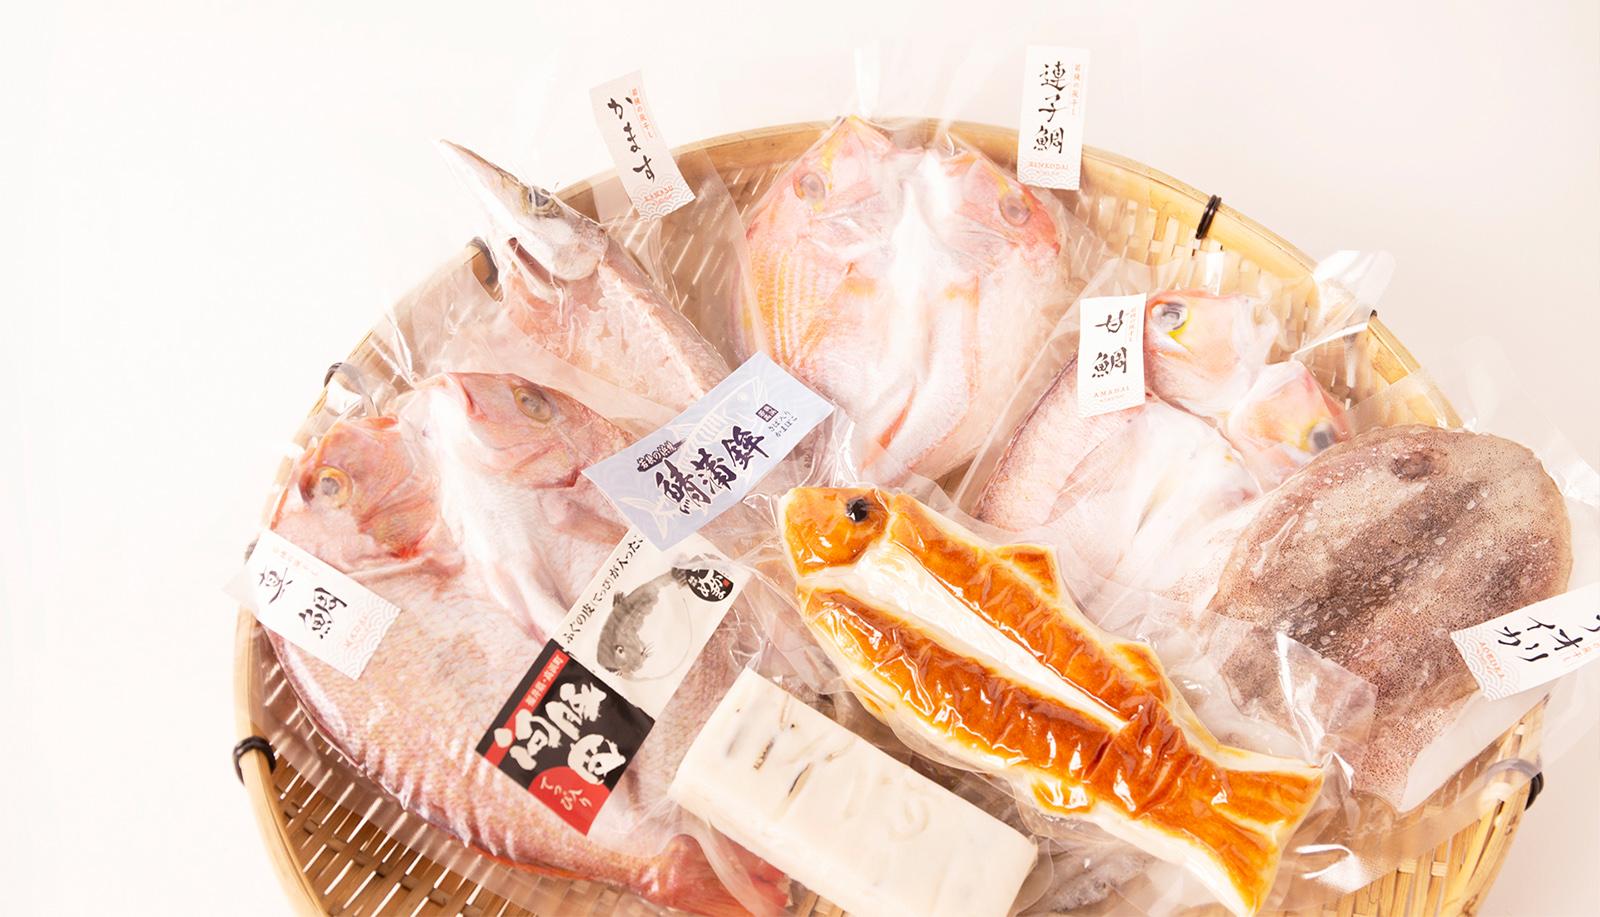 福井の味覚を詰め込んだ米かまと鯖蒲鉾&旬の厳選灰干しの贅沢セット